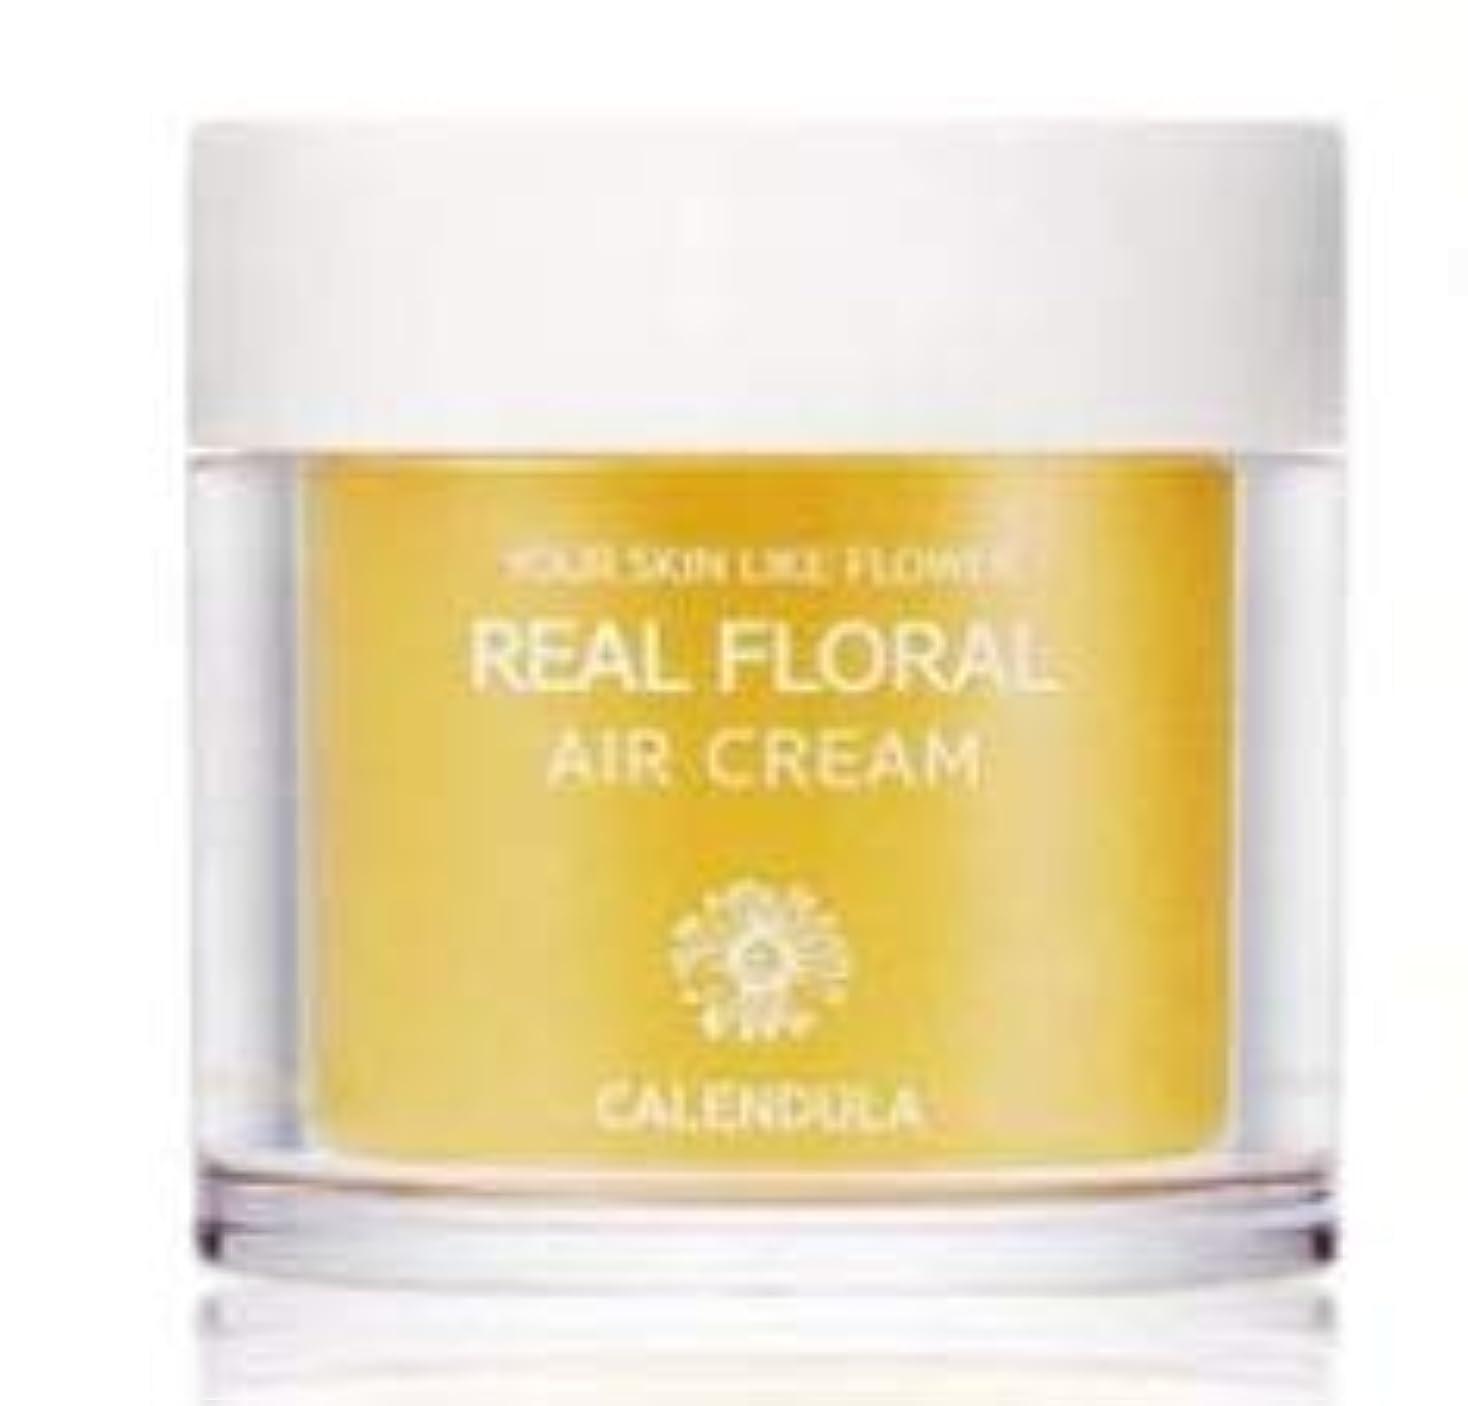 合法最適兄弟愛NATURAL PACIFIC Real Floral Air Cream 100ml (Calendula) /ナチュラルパシフィック リアル カレンデュラ エア クリーム 100ml [並行輸入品]